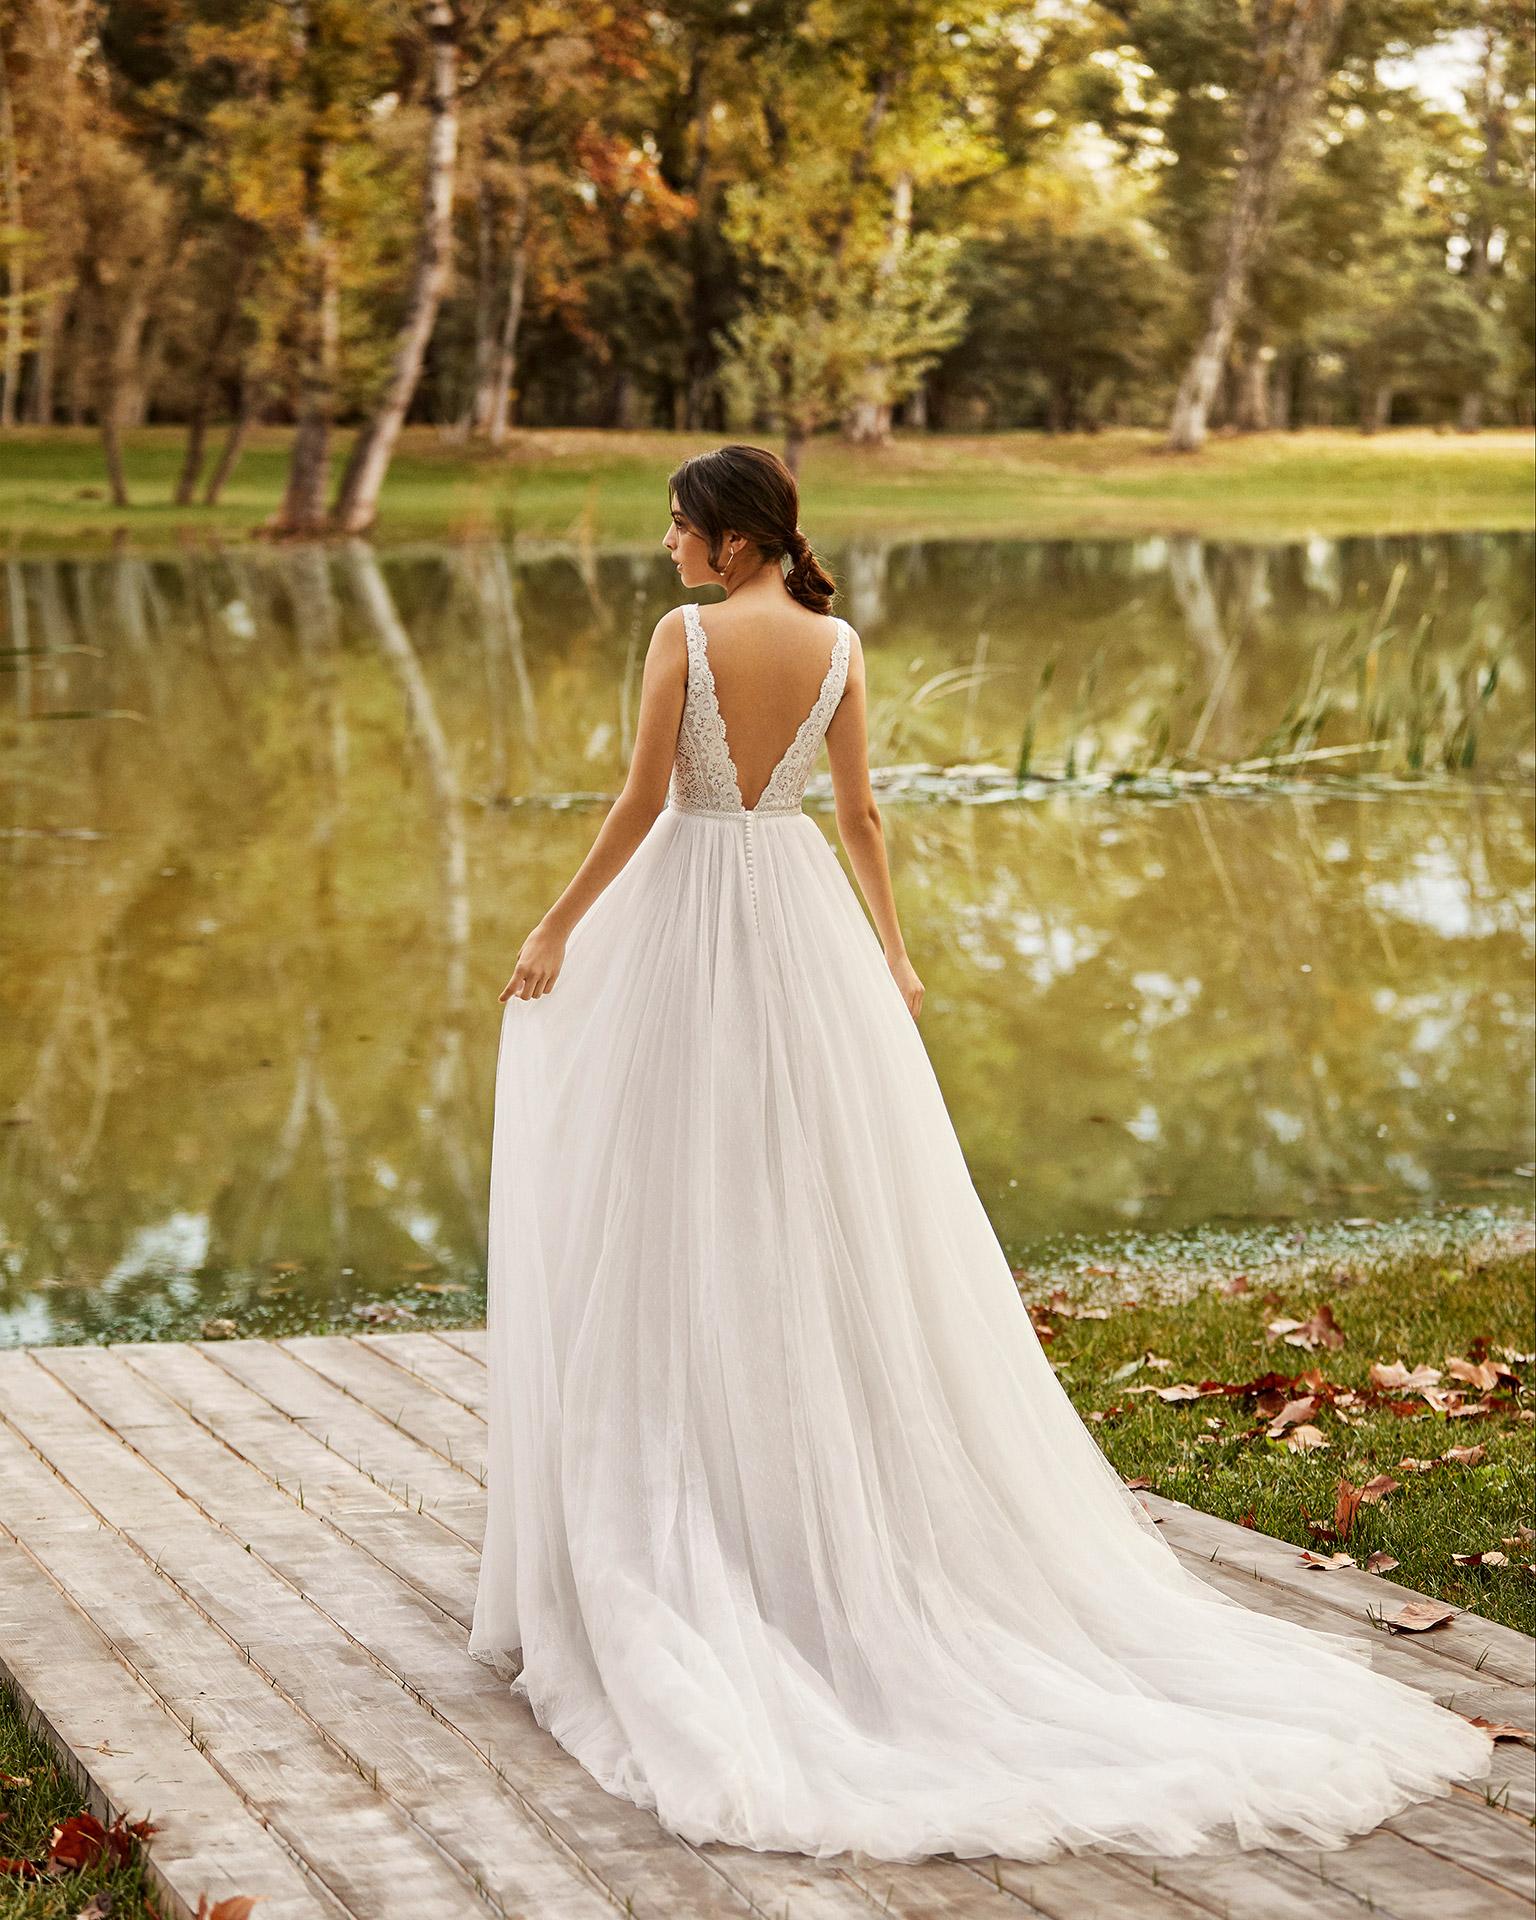 Vestido de novia estilo princesa de tul plumeti encaje y pedrería con escote deep-plunge y espalda en V. Colección ALMA_NOVIA 2020.